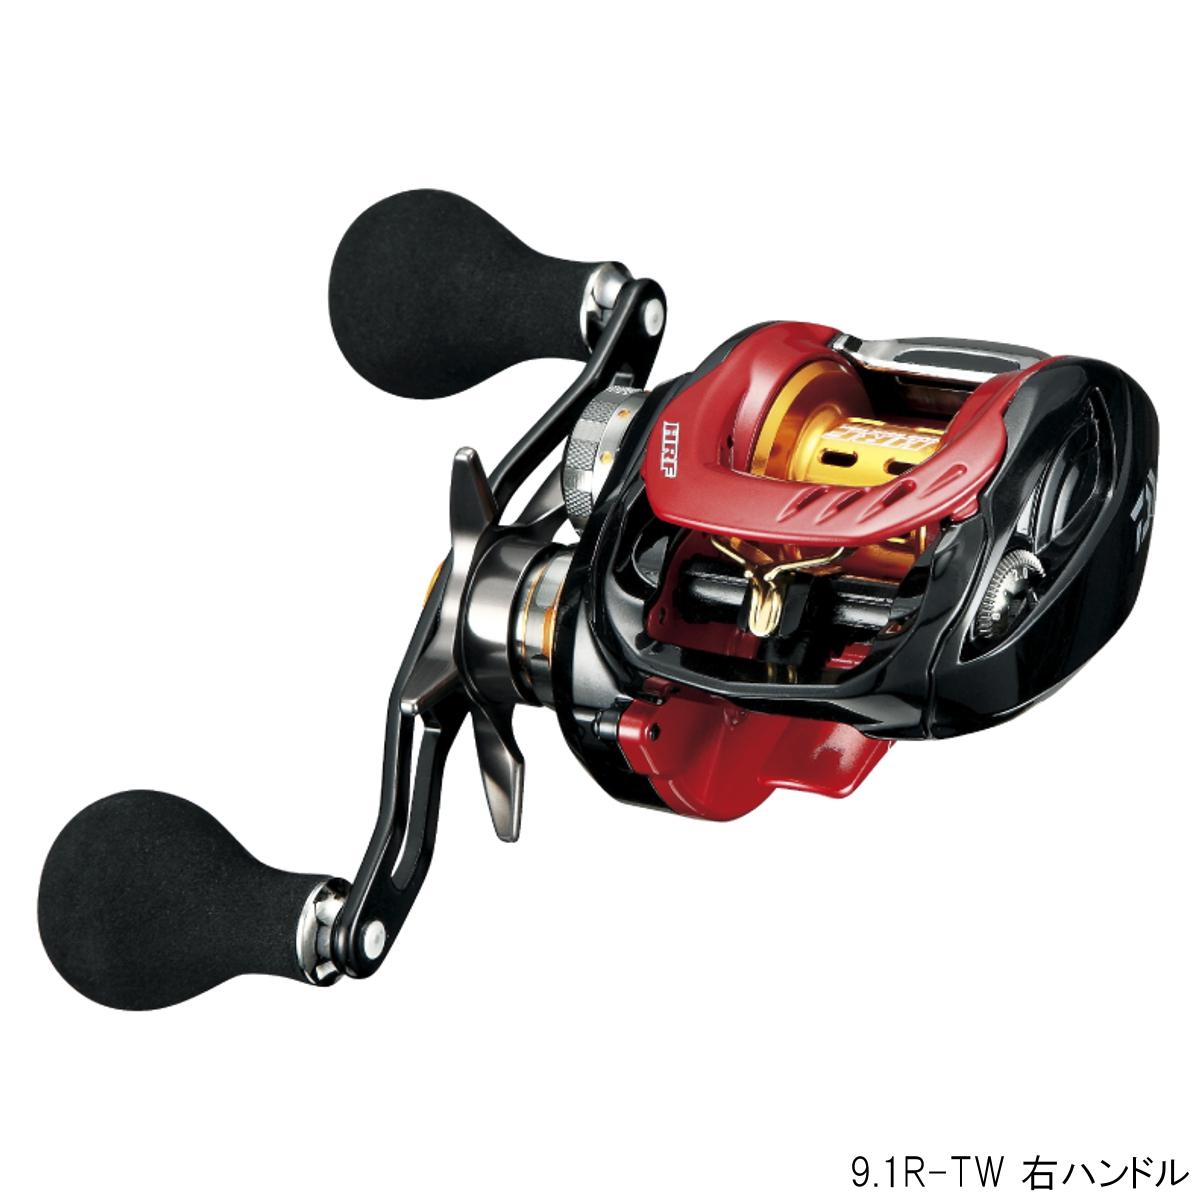 ダイワ HRF ソニックスピード 9.1R-TW 右ハンドル(東日本店)